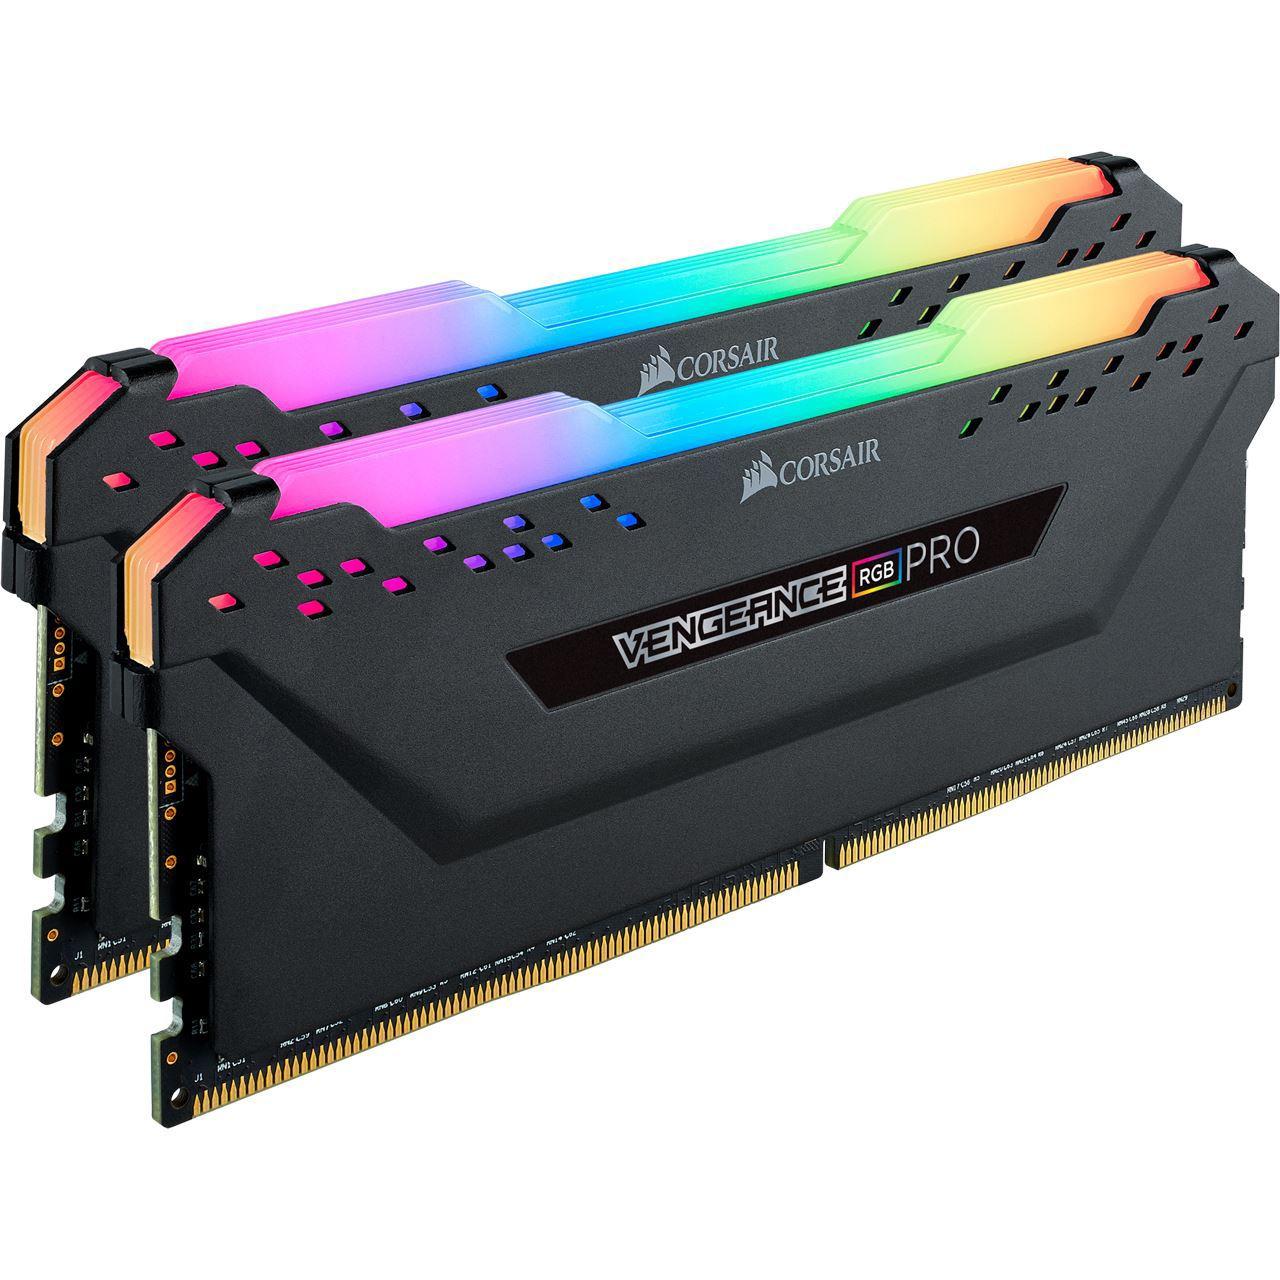 32GB Corsair Vengeance PRO RGB DDR4-3600 CL18 Dual Kit - Bei Mindfactory (0-6 Uhr versandkostenfrei) und 0,10€ mehr bei Alternate